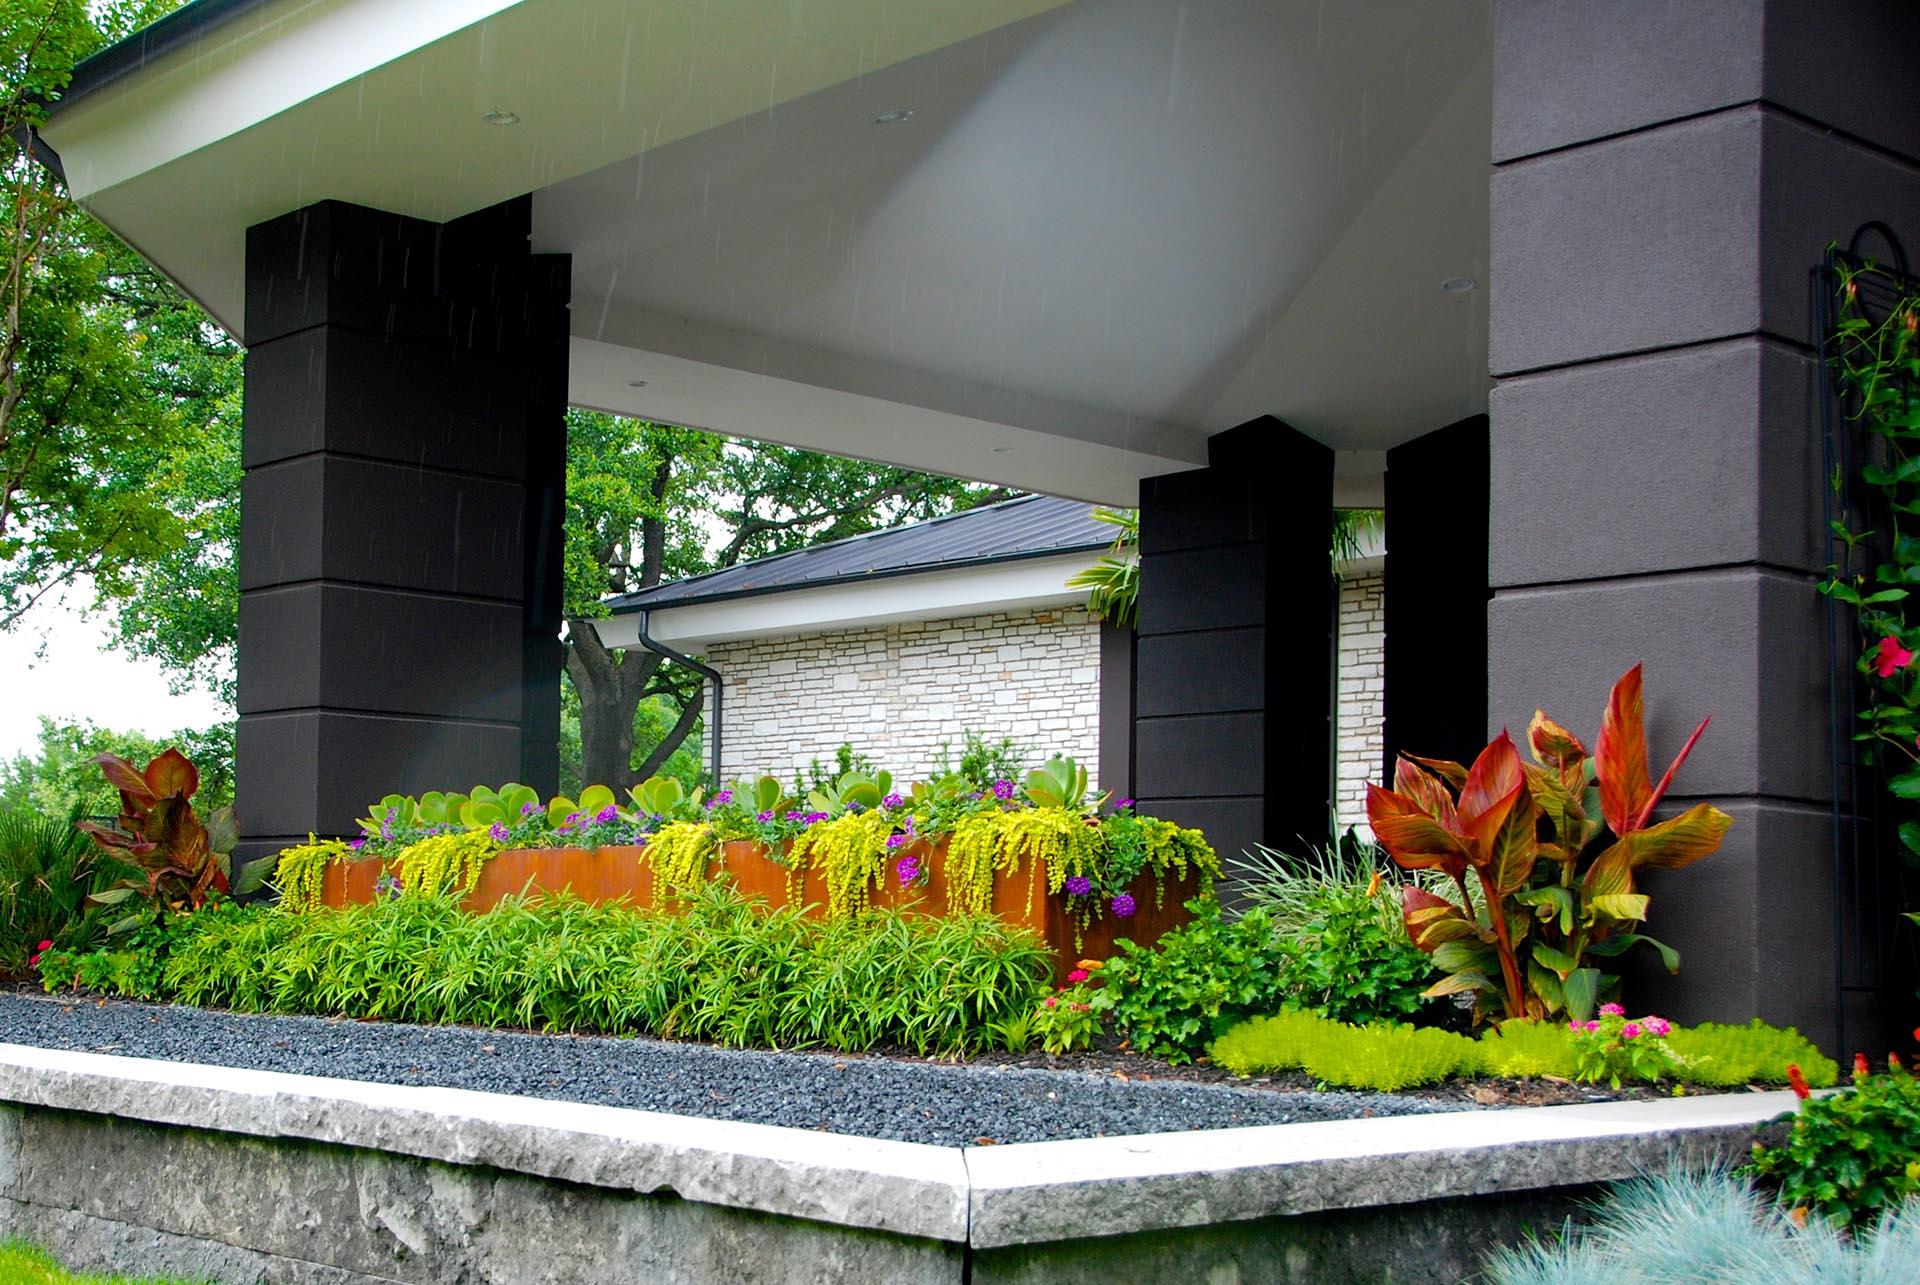 Dallas Landscape Architect Design Build Original Landscape Concepts